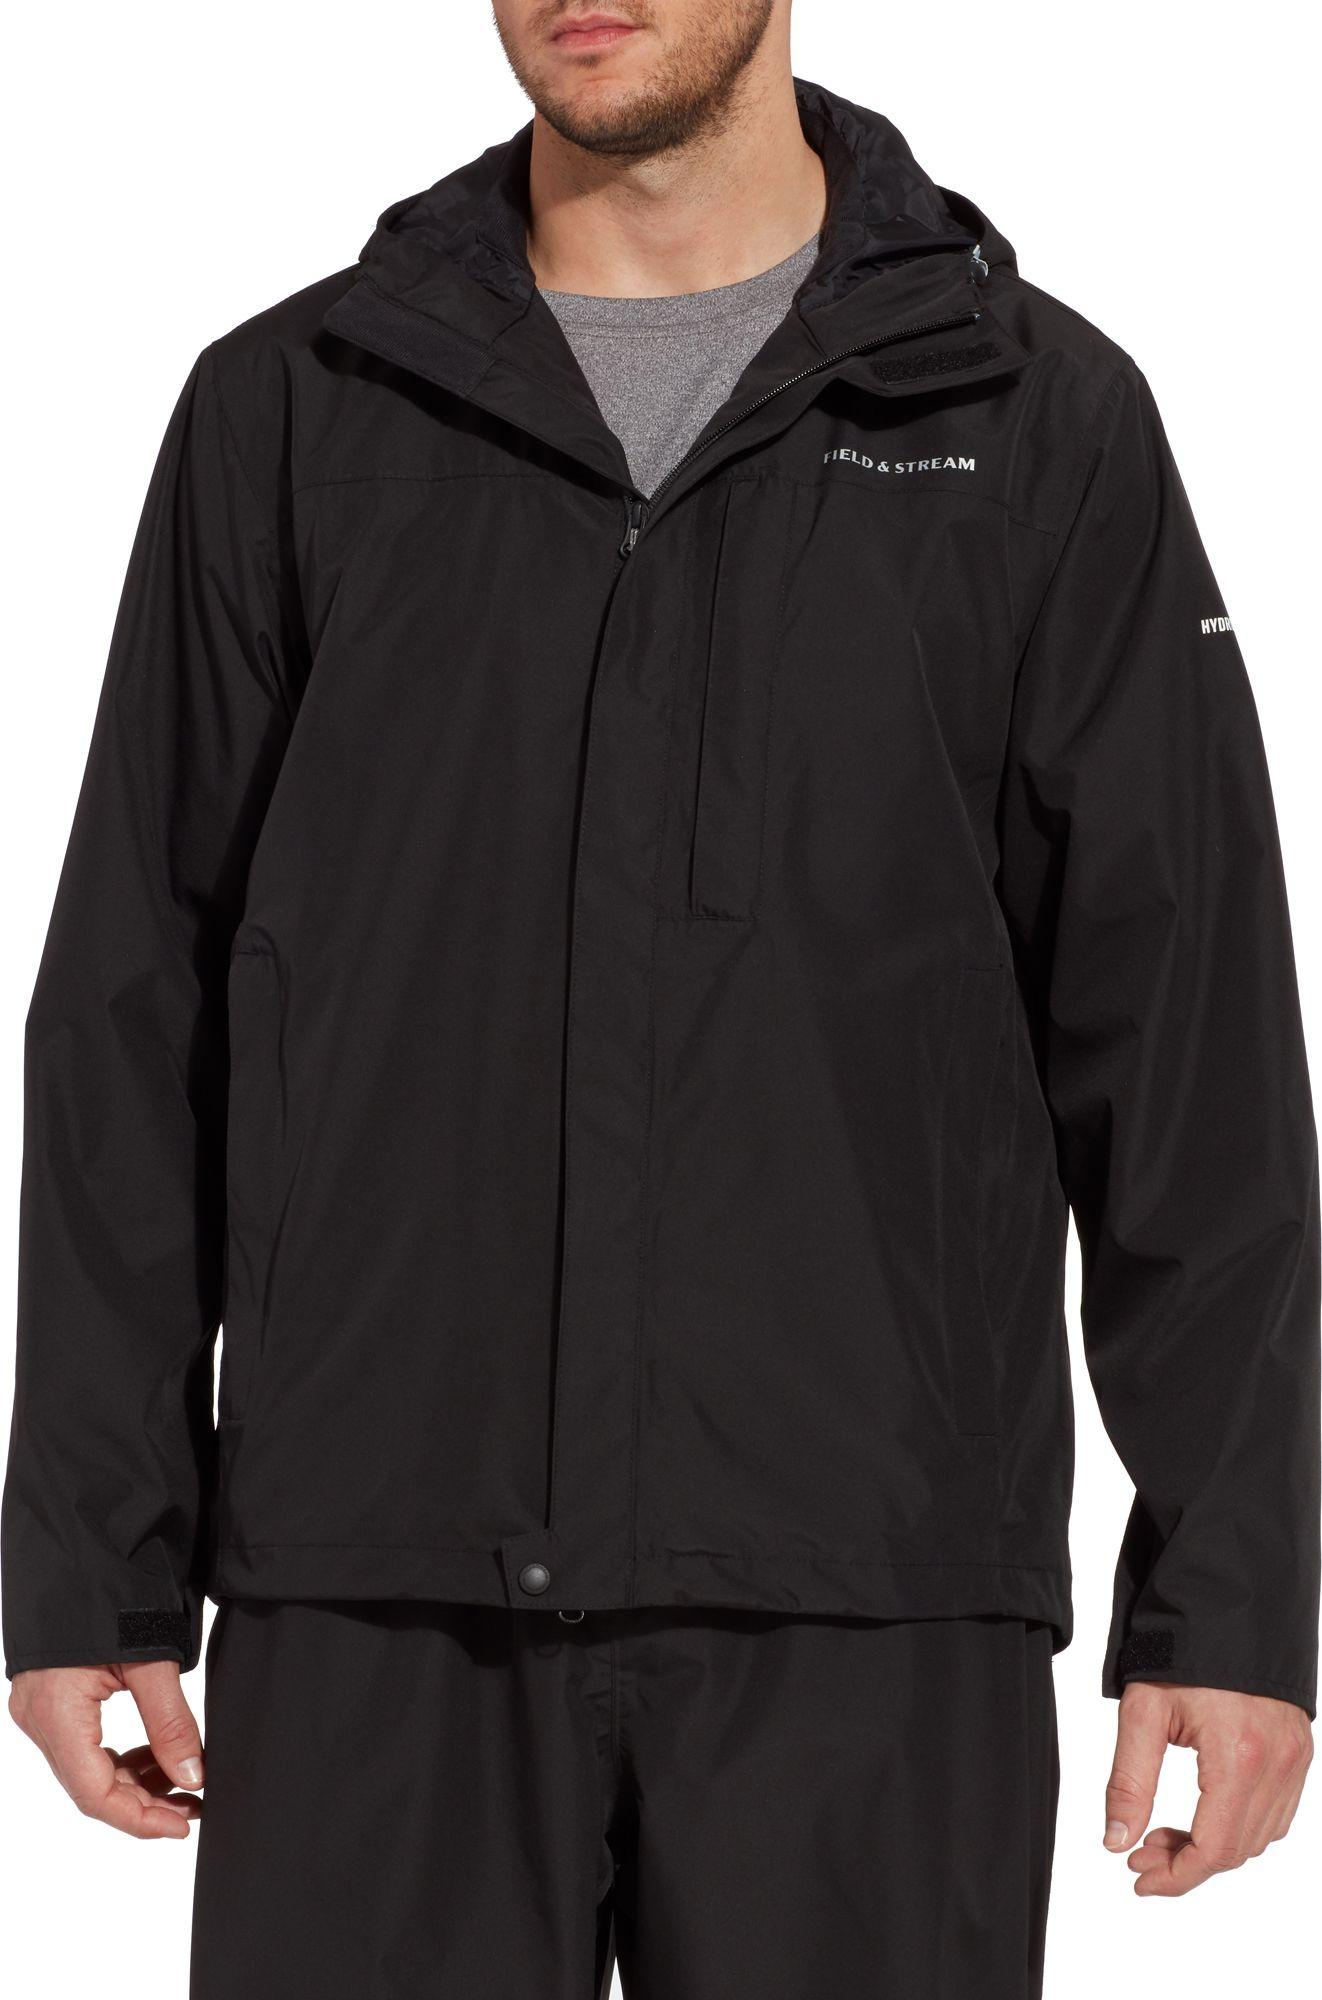 Field & Stream Men's Squall Defender Rain Jacket, Small, Black